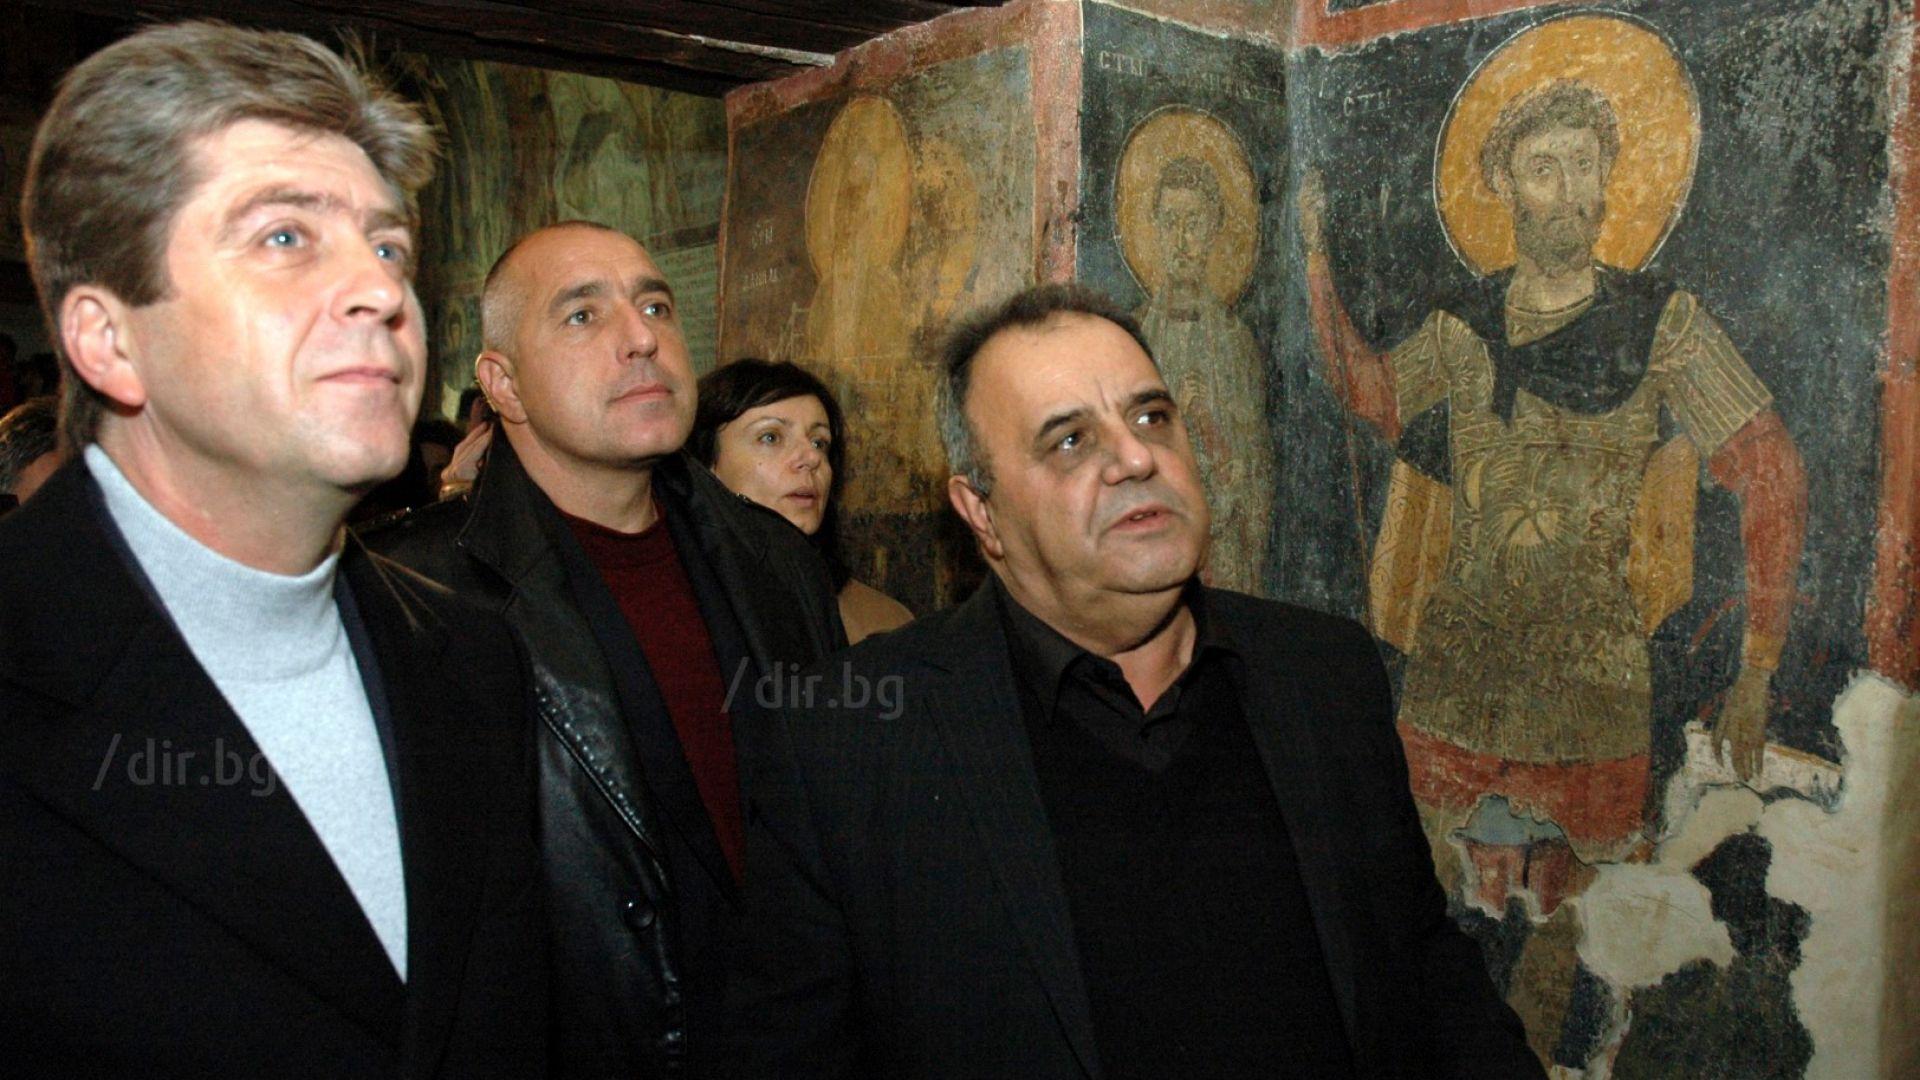 Президентът Георги Първанов, Бойко Борисов и Божидар Димитров разглеждат реставрираната Боянска черква на 3 май 2006 г.